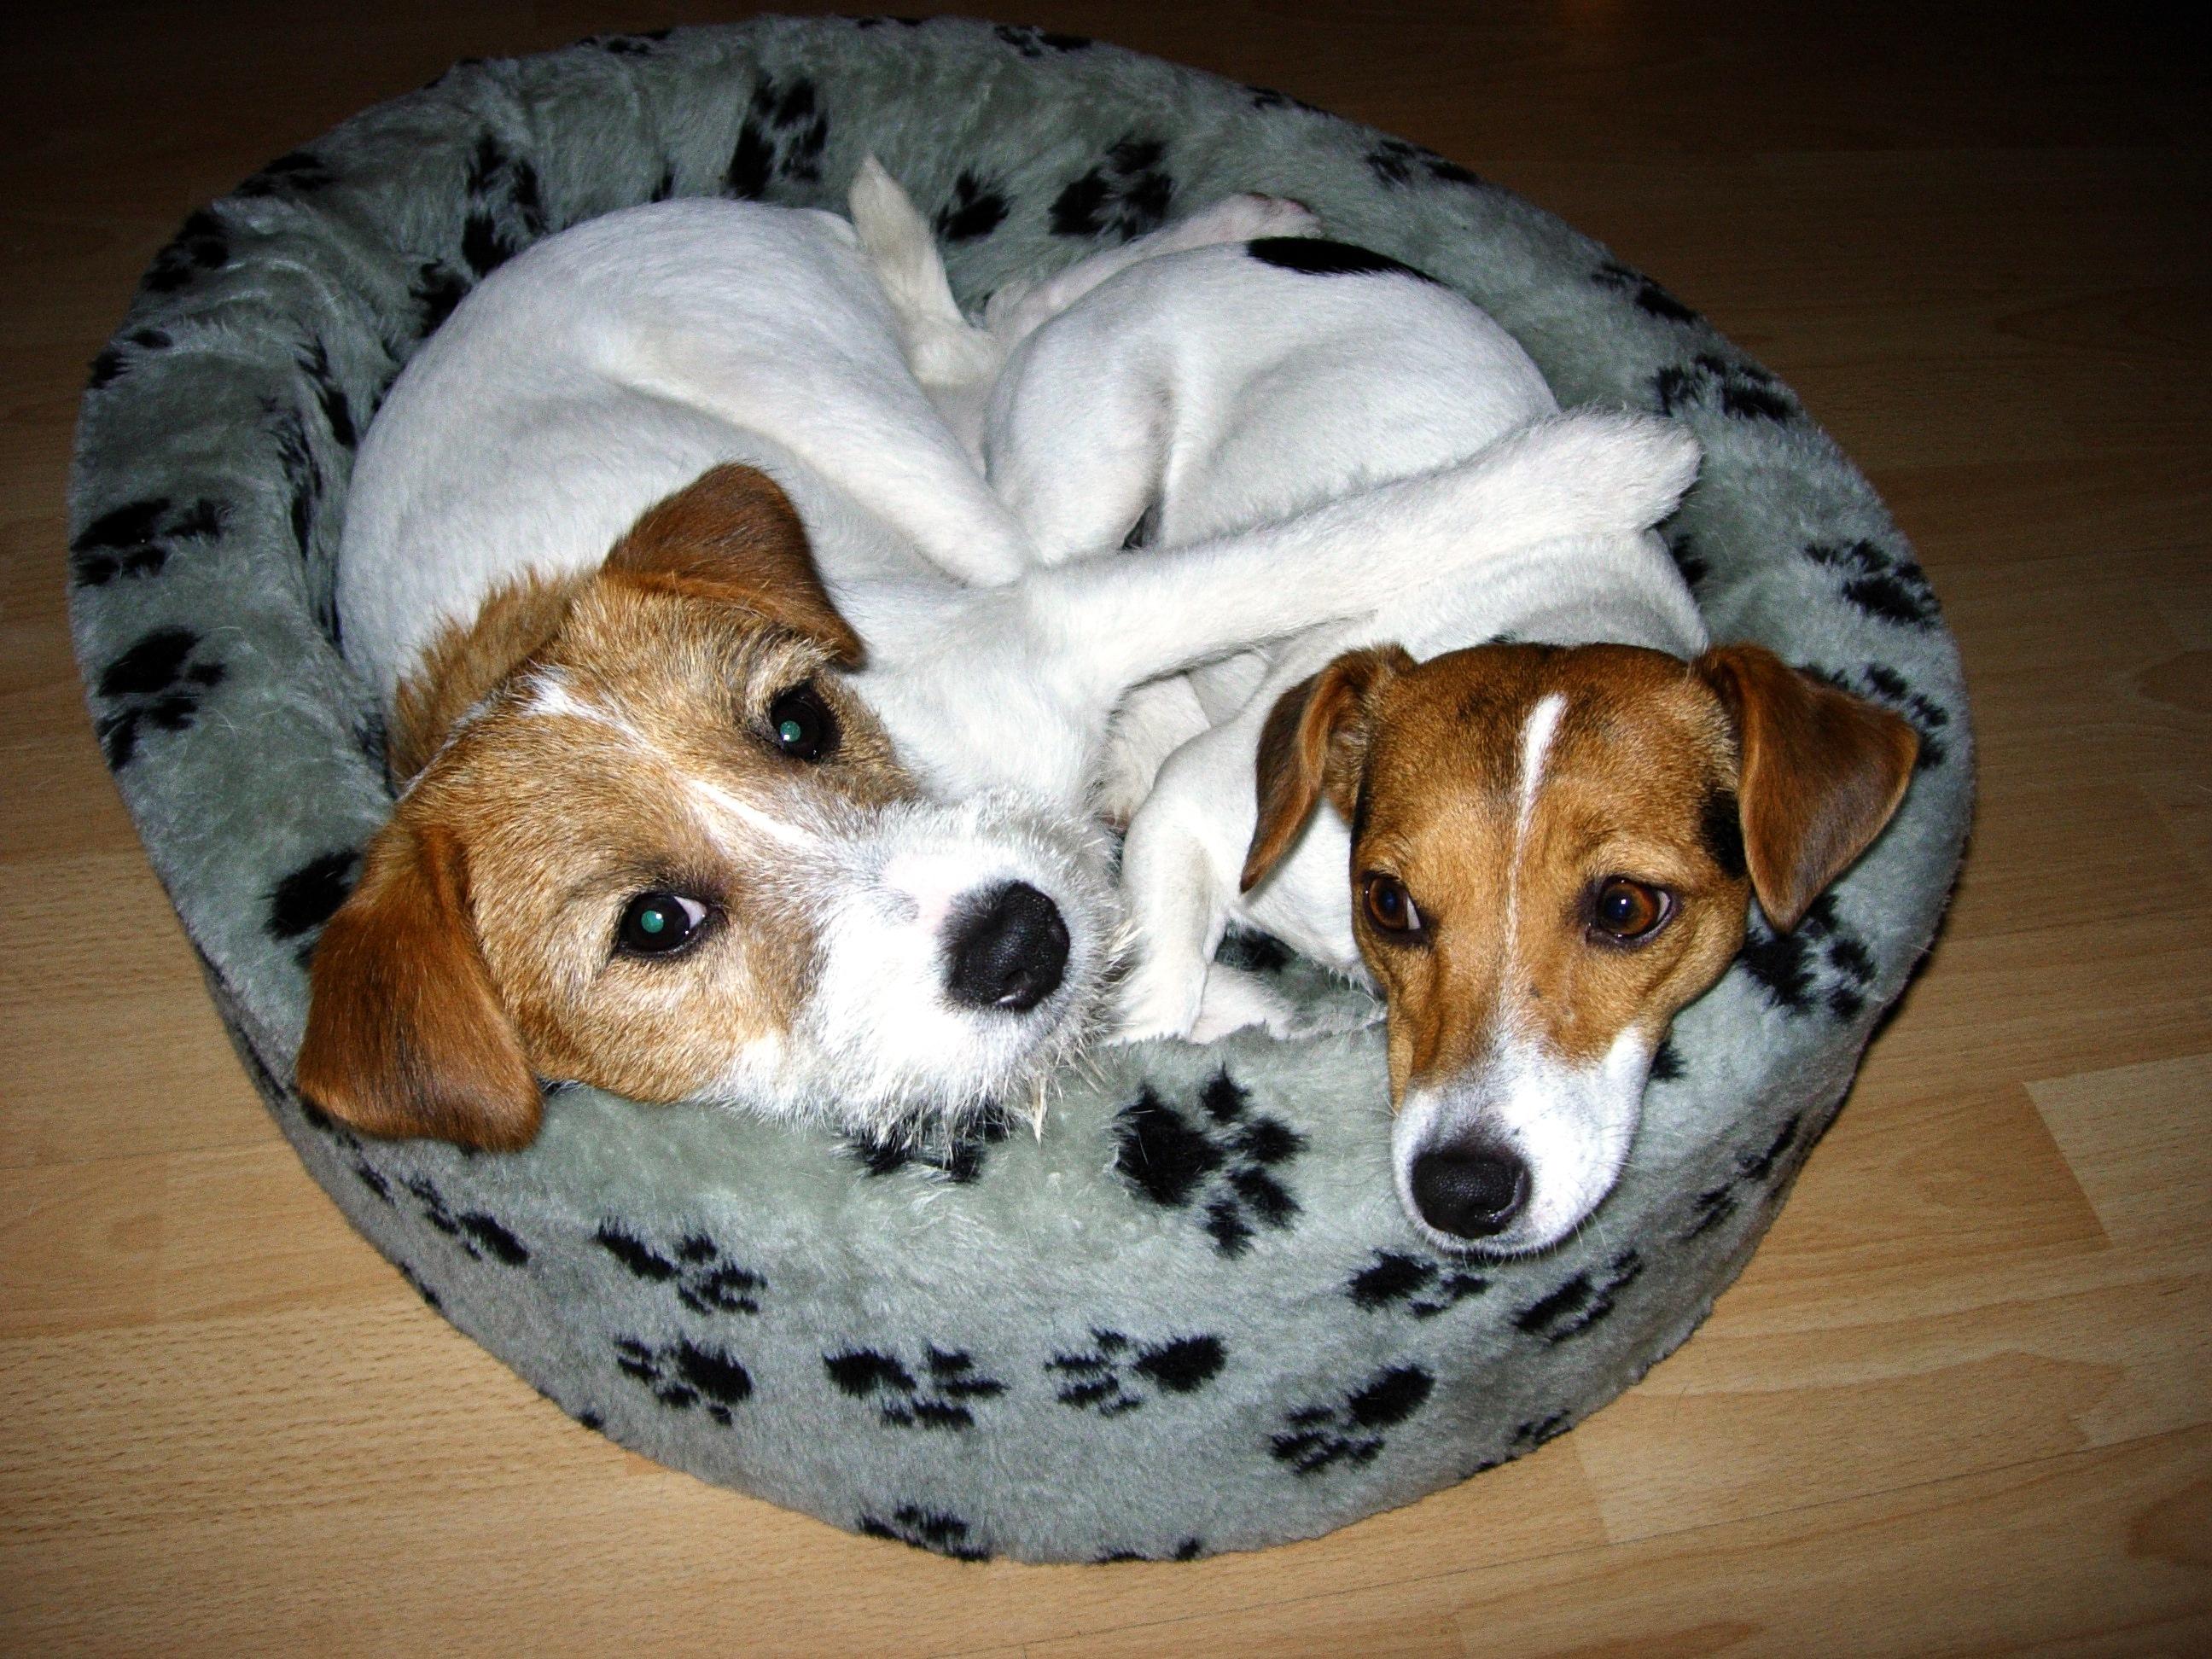 Zenda&Ollie